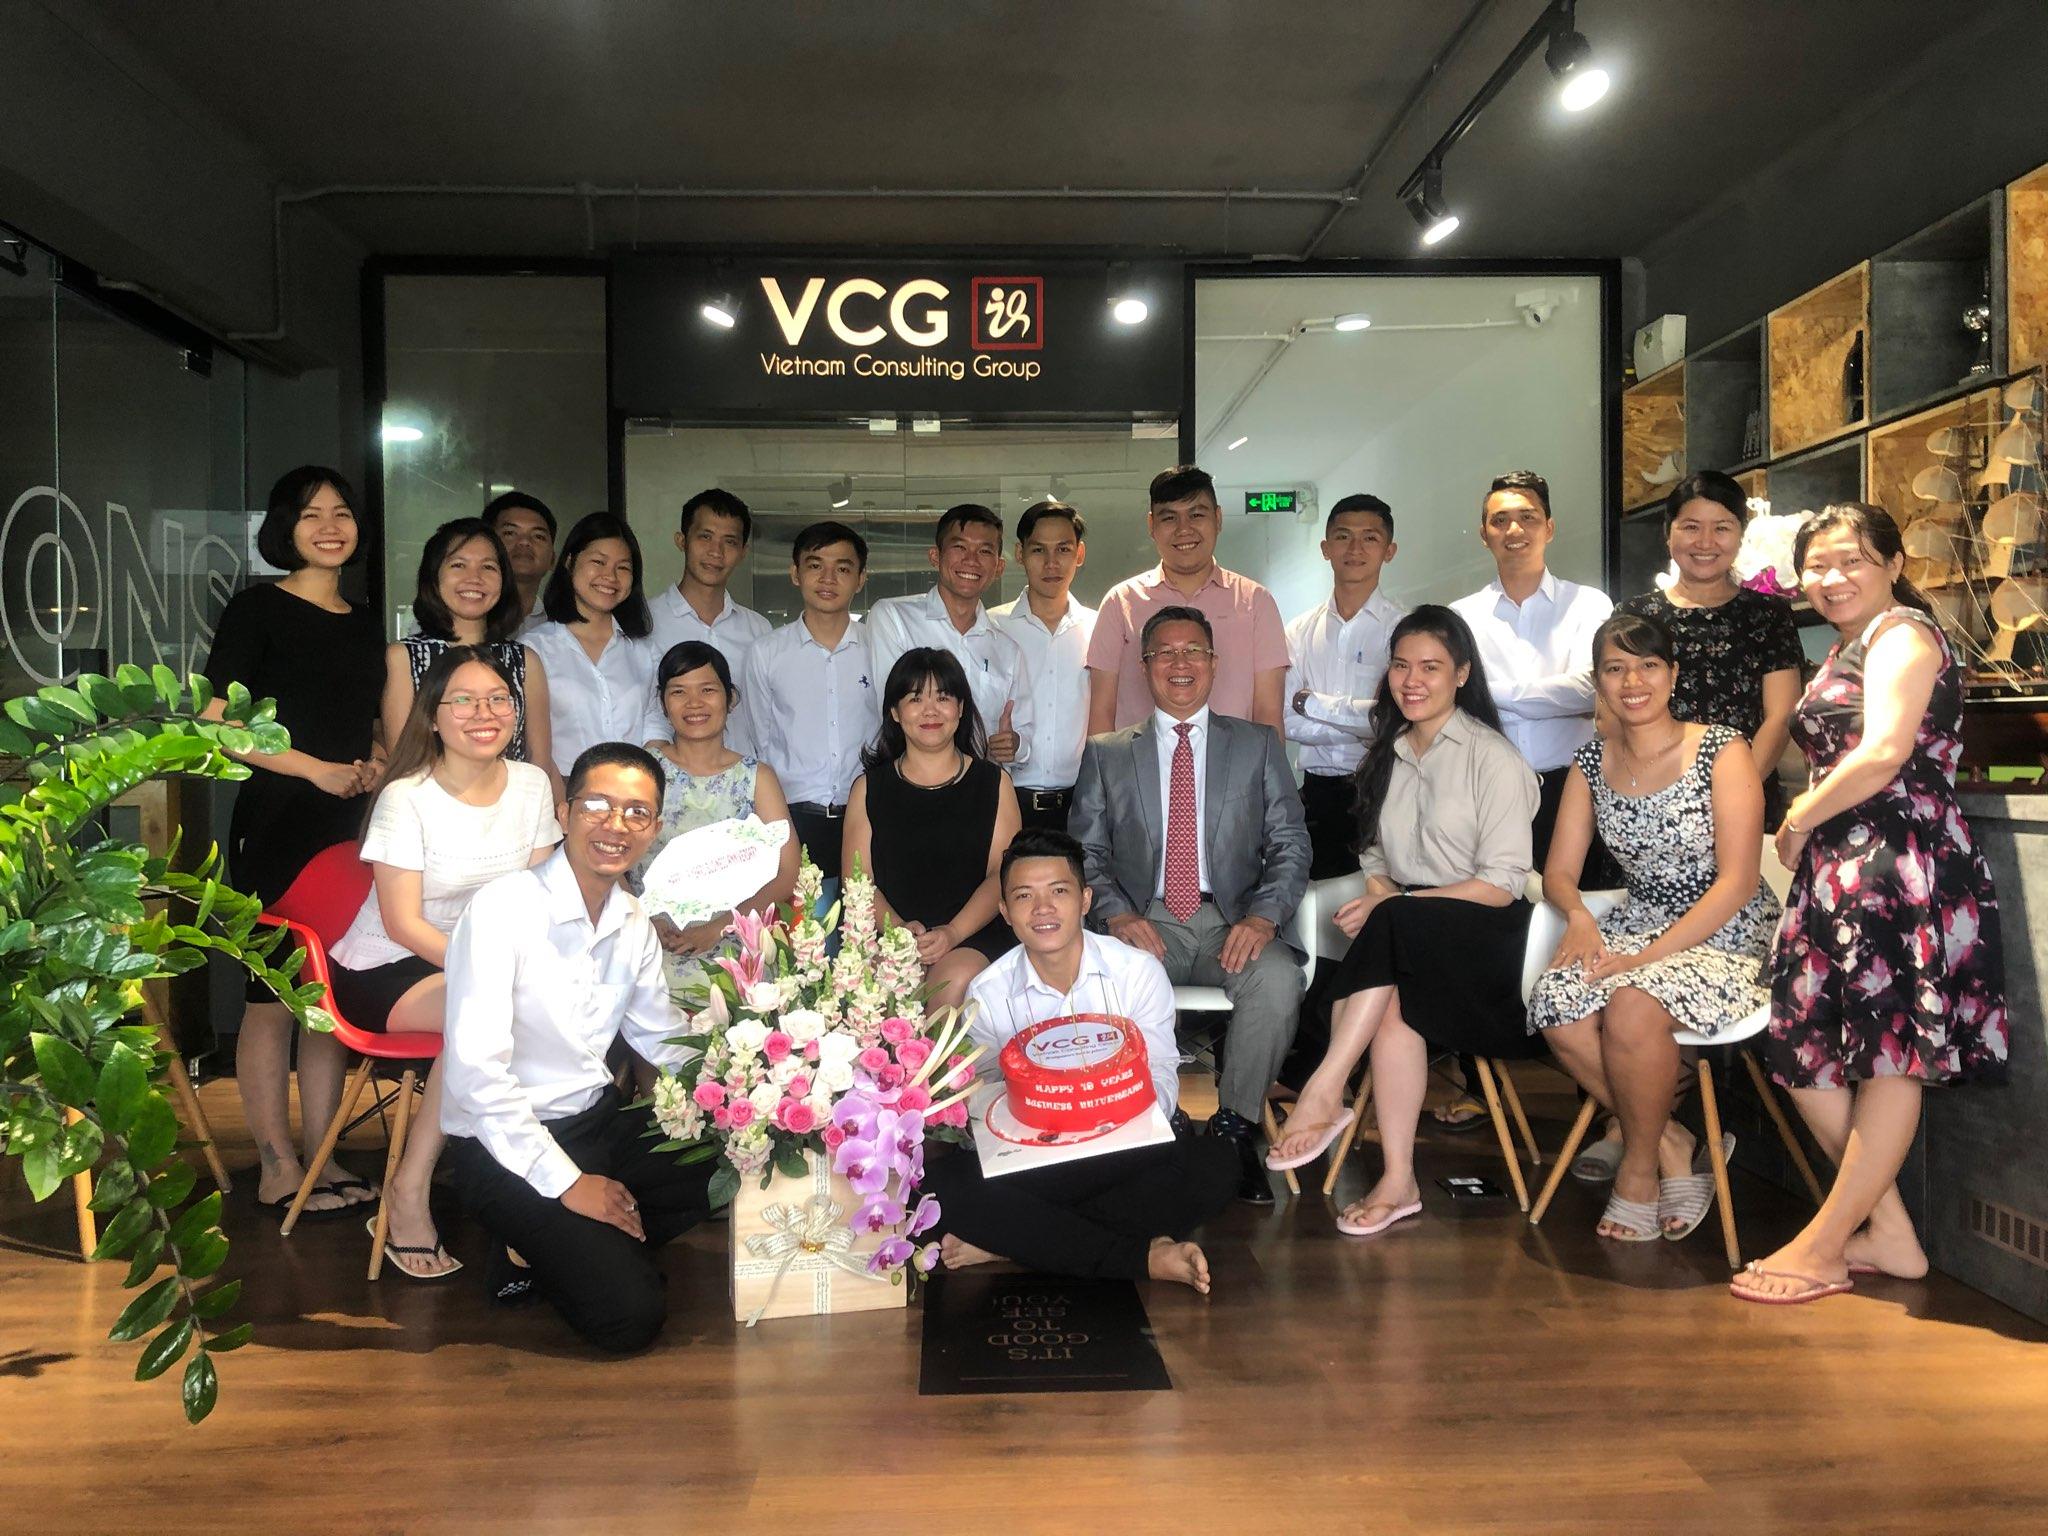 Công ty TNHH Tư Vấn Việt Nam